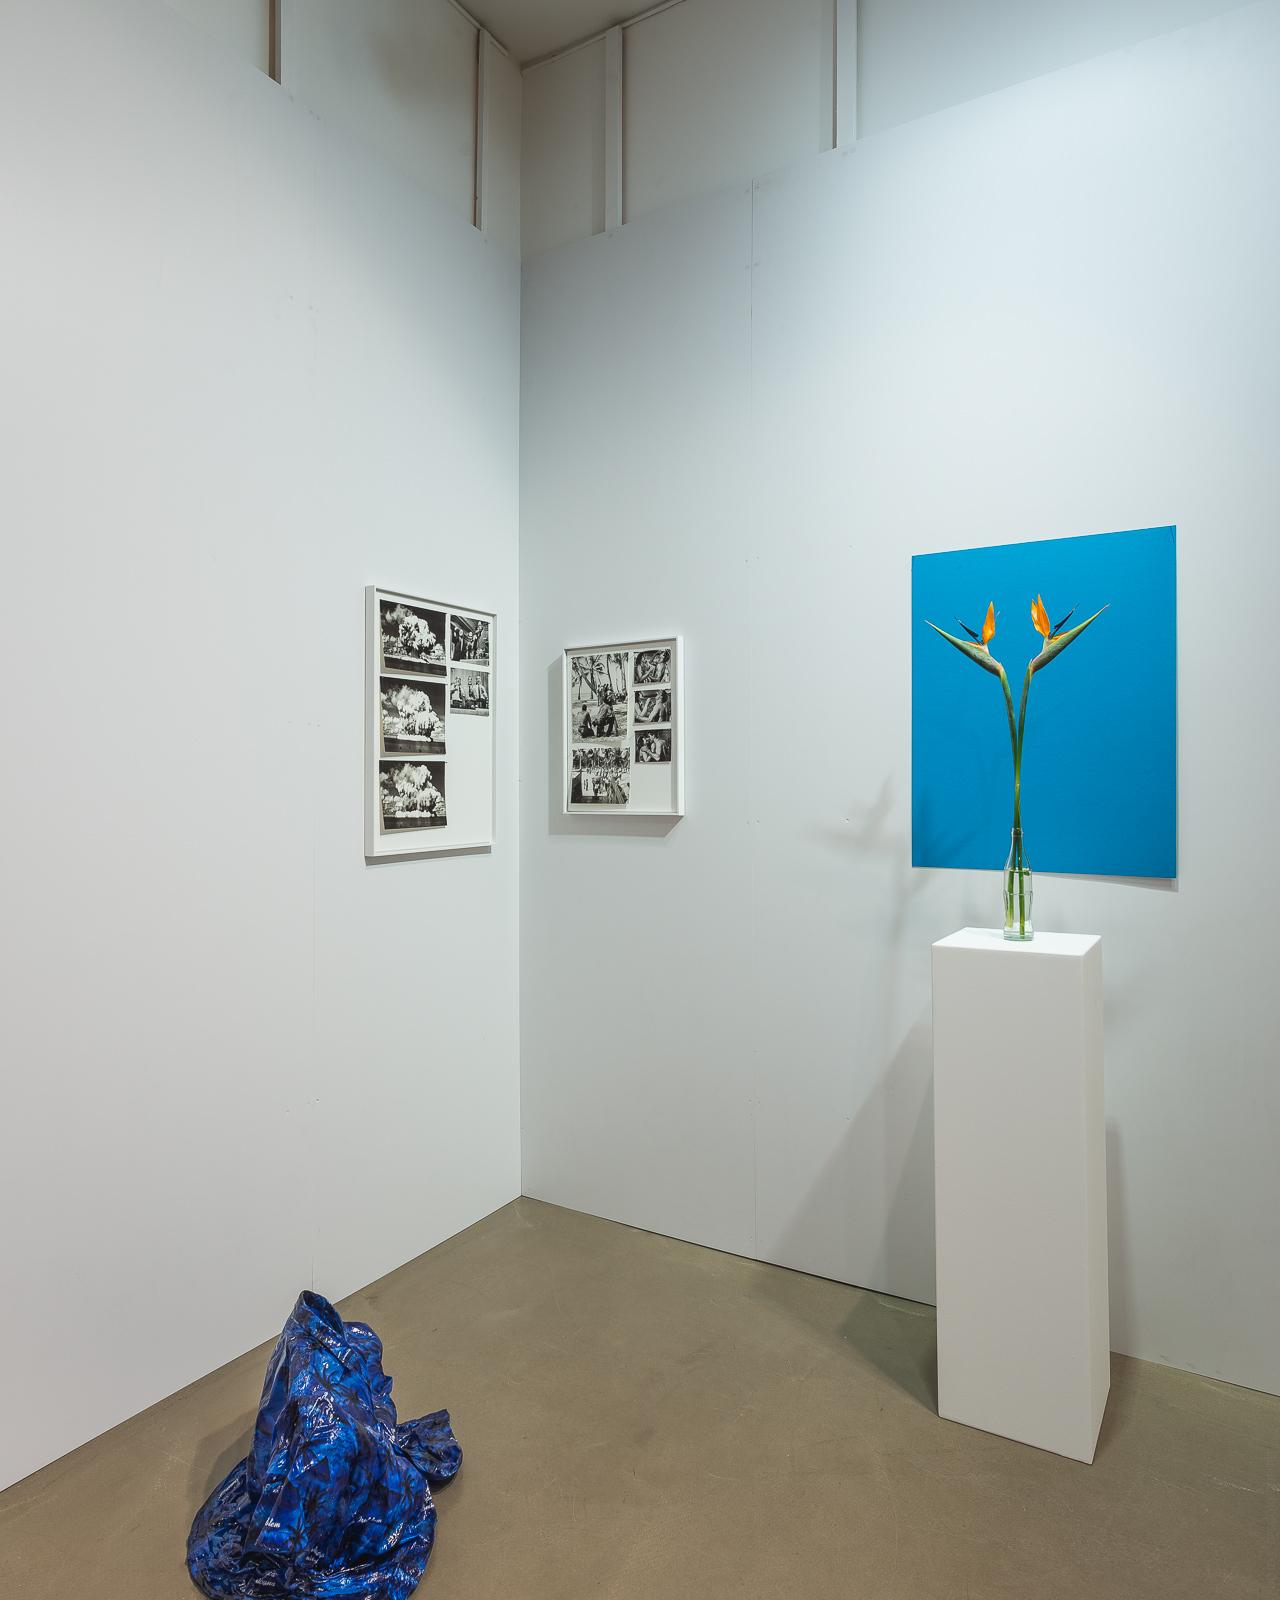 Vue de l'exposition Benoit Jeannet, Approche,  Photo © Grégory Copitet